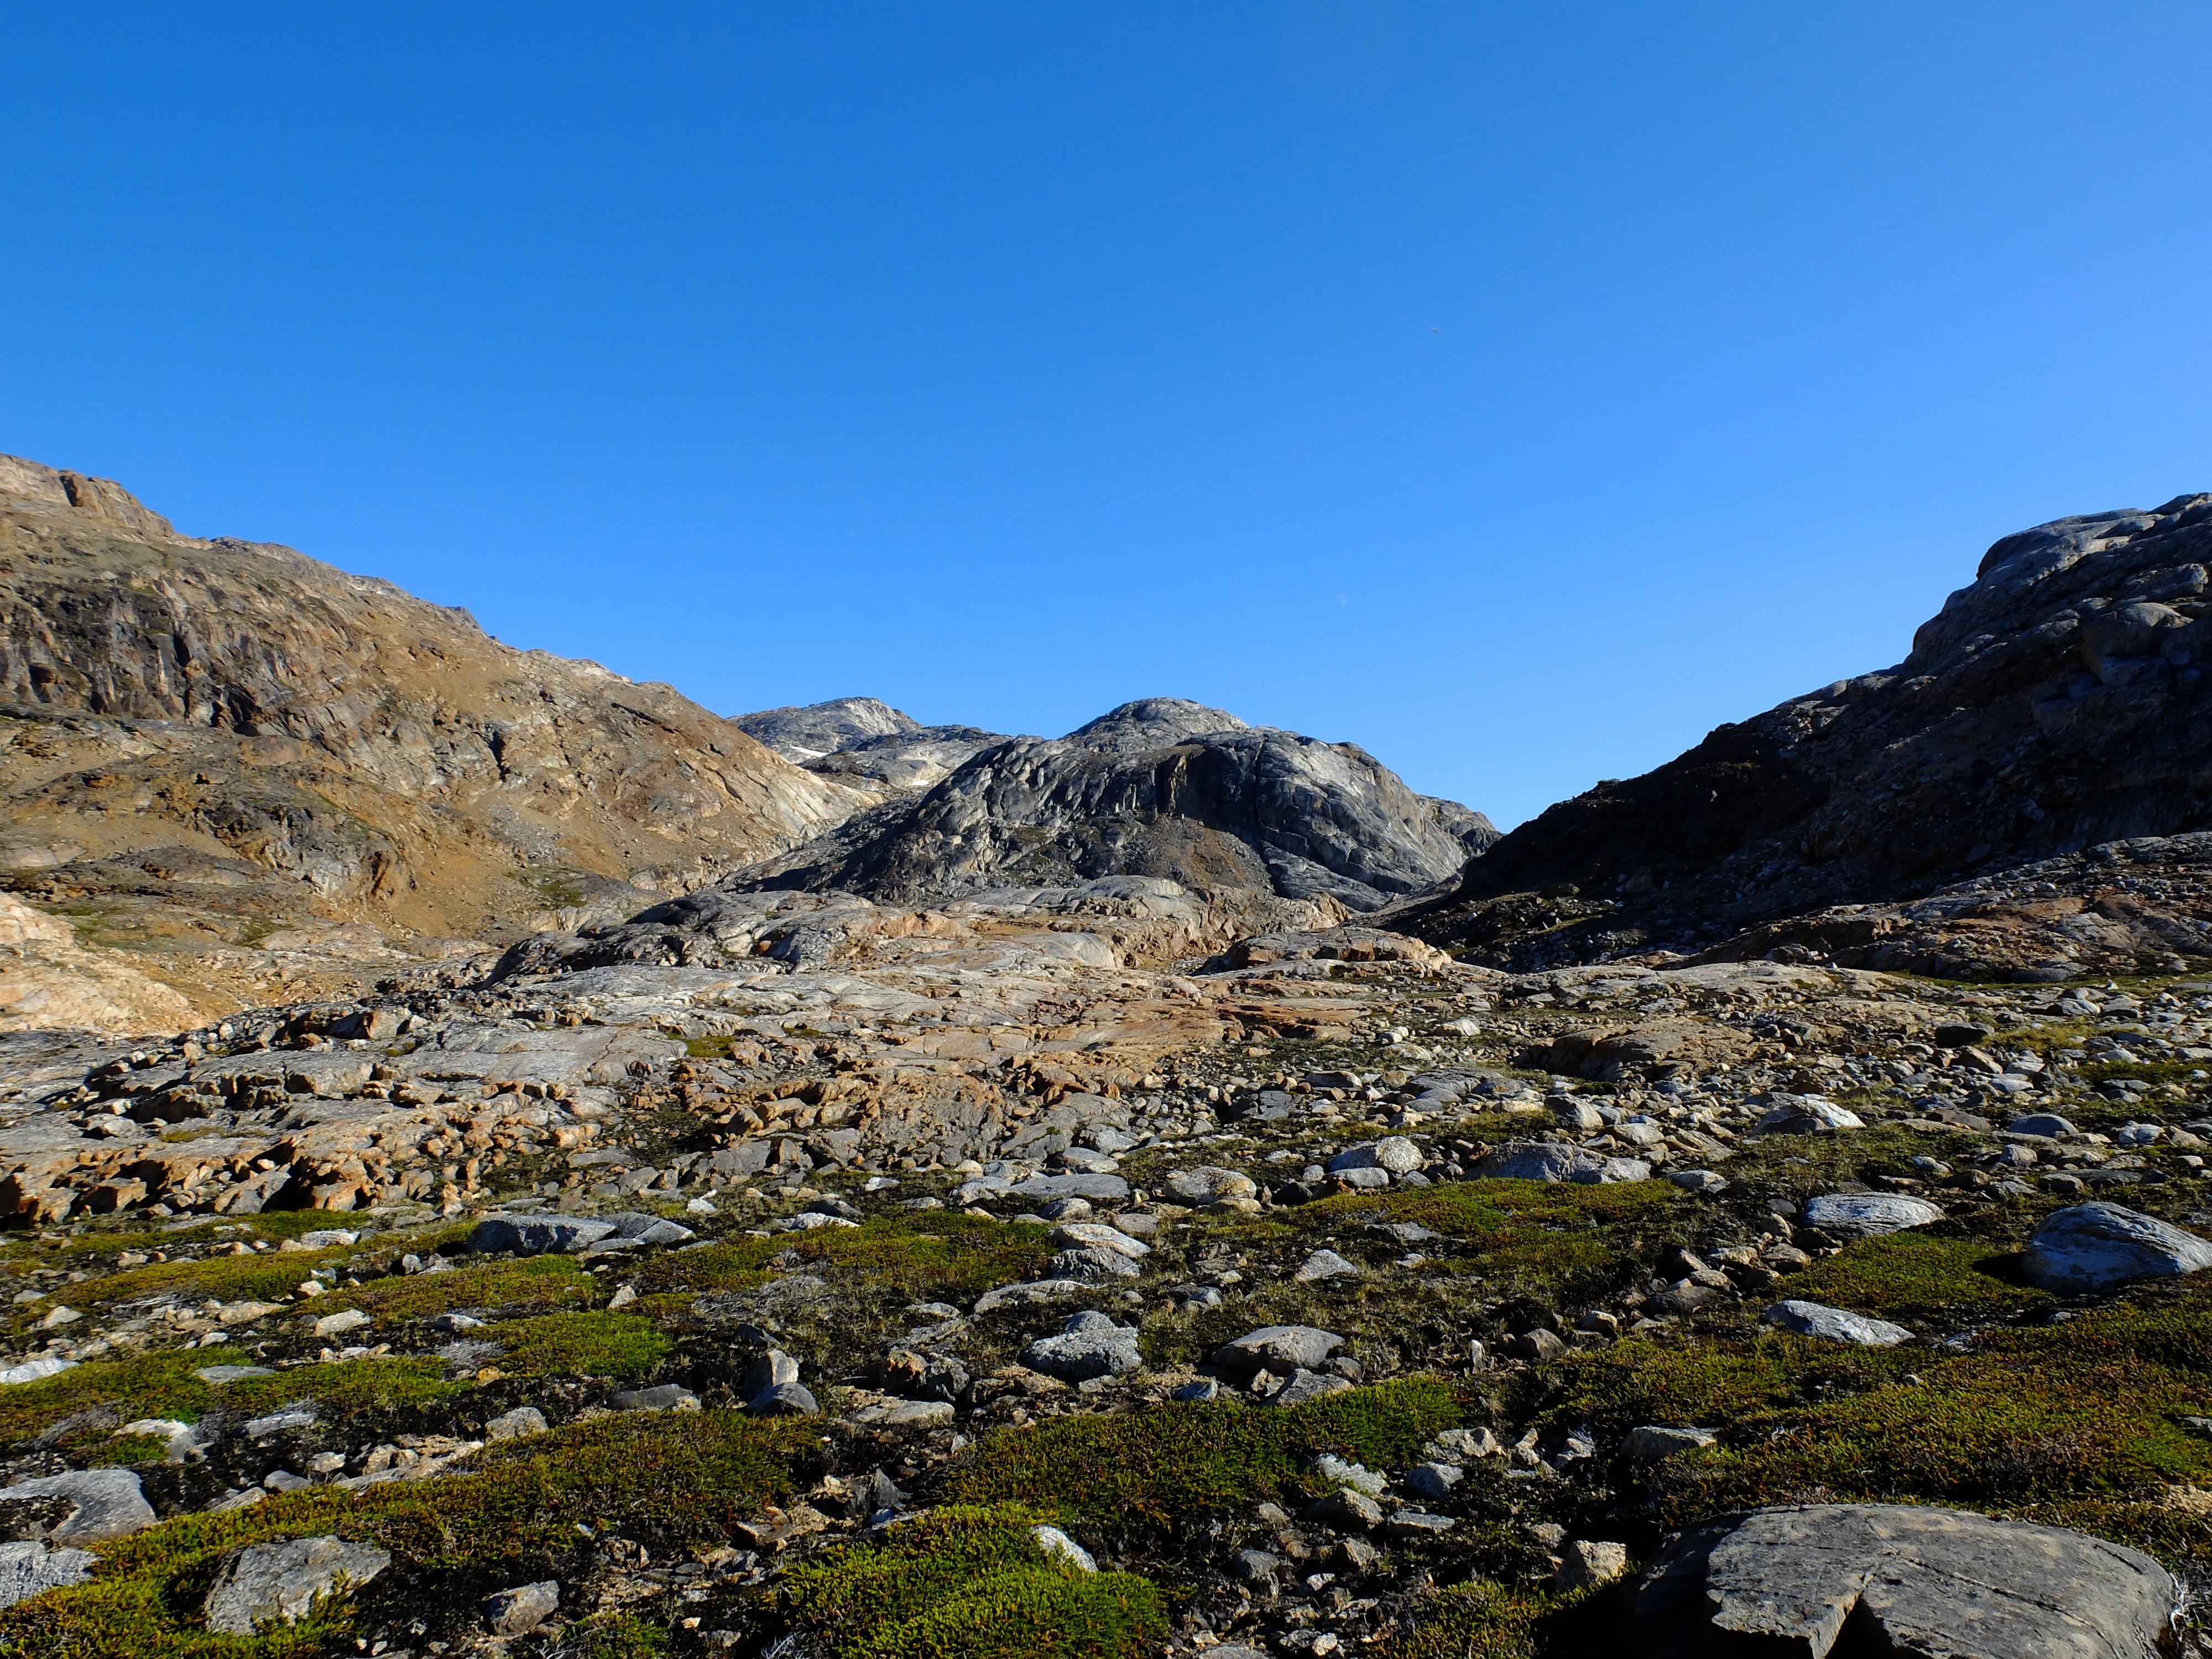 Soil development in Greenland